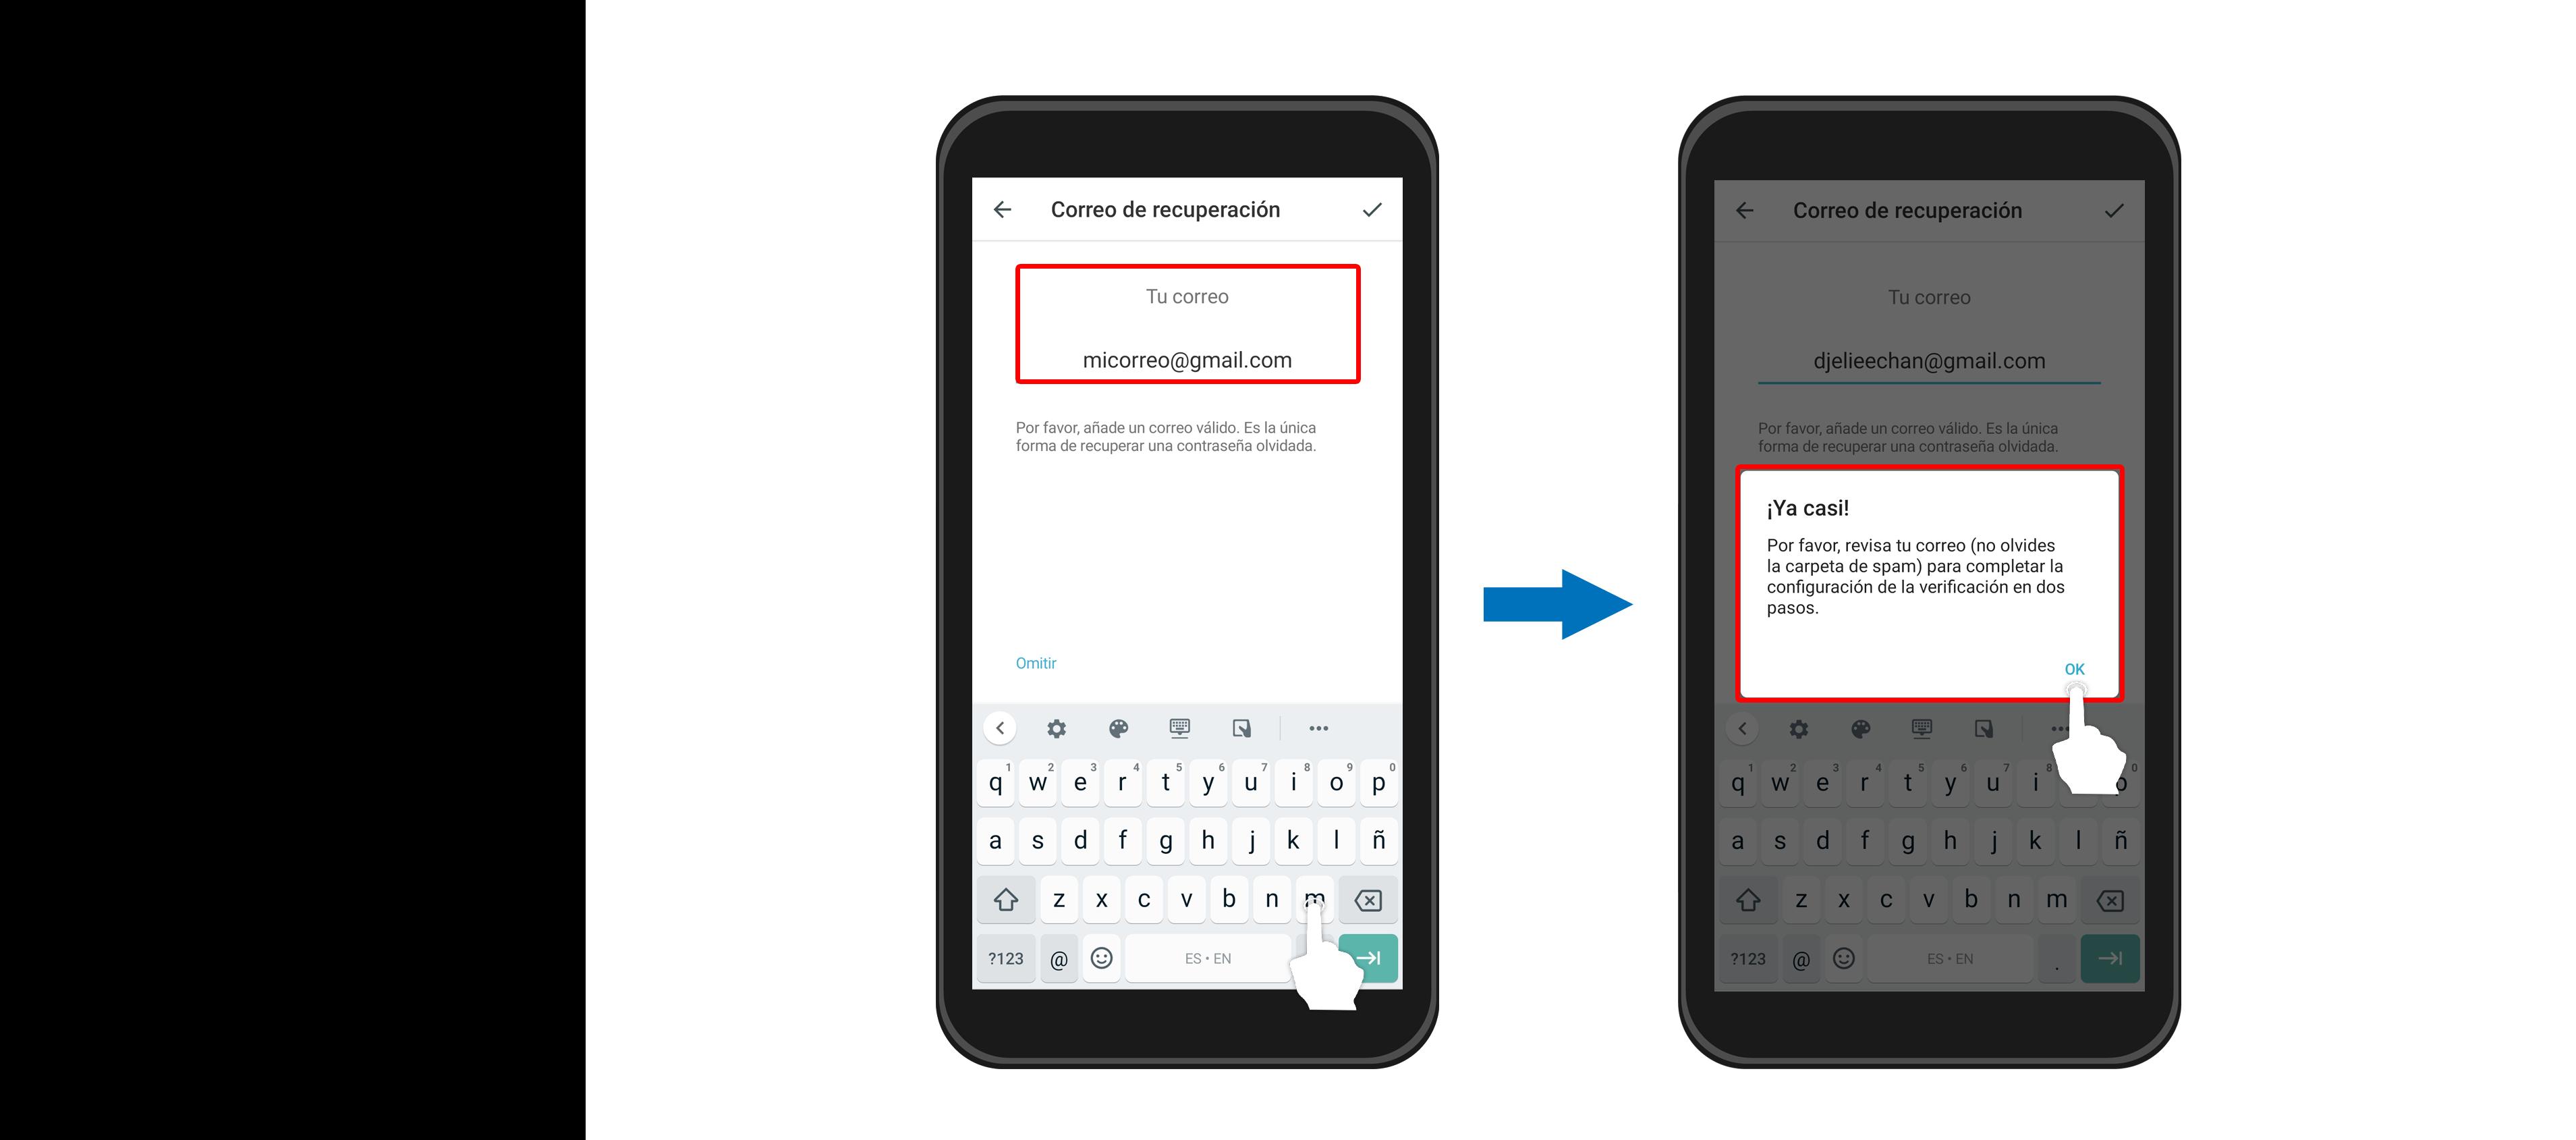 Por último, revisa tu correo electrónico para completar la configuración y activar este nuevo código de inicio de sesión.